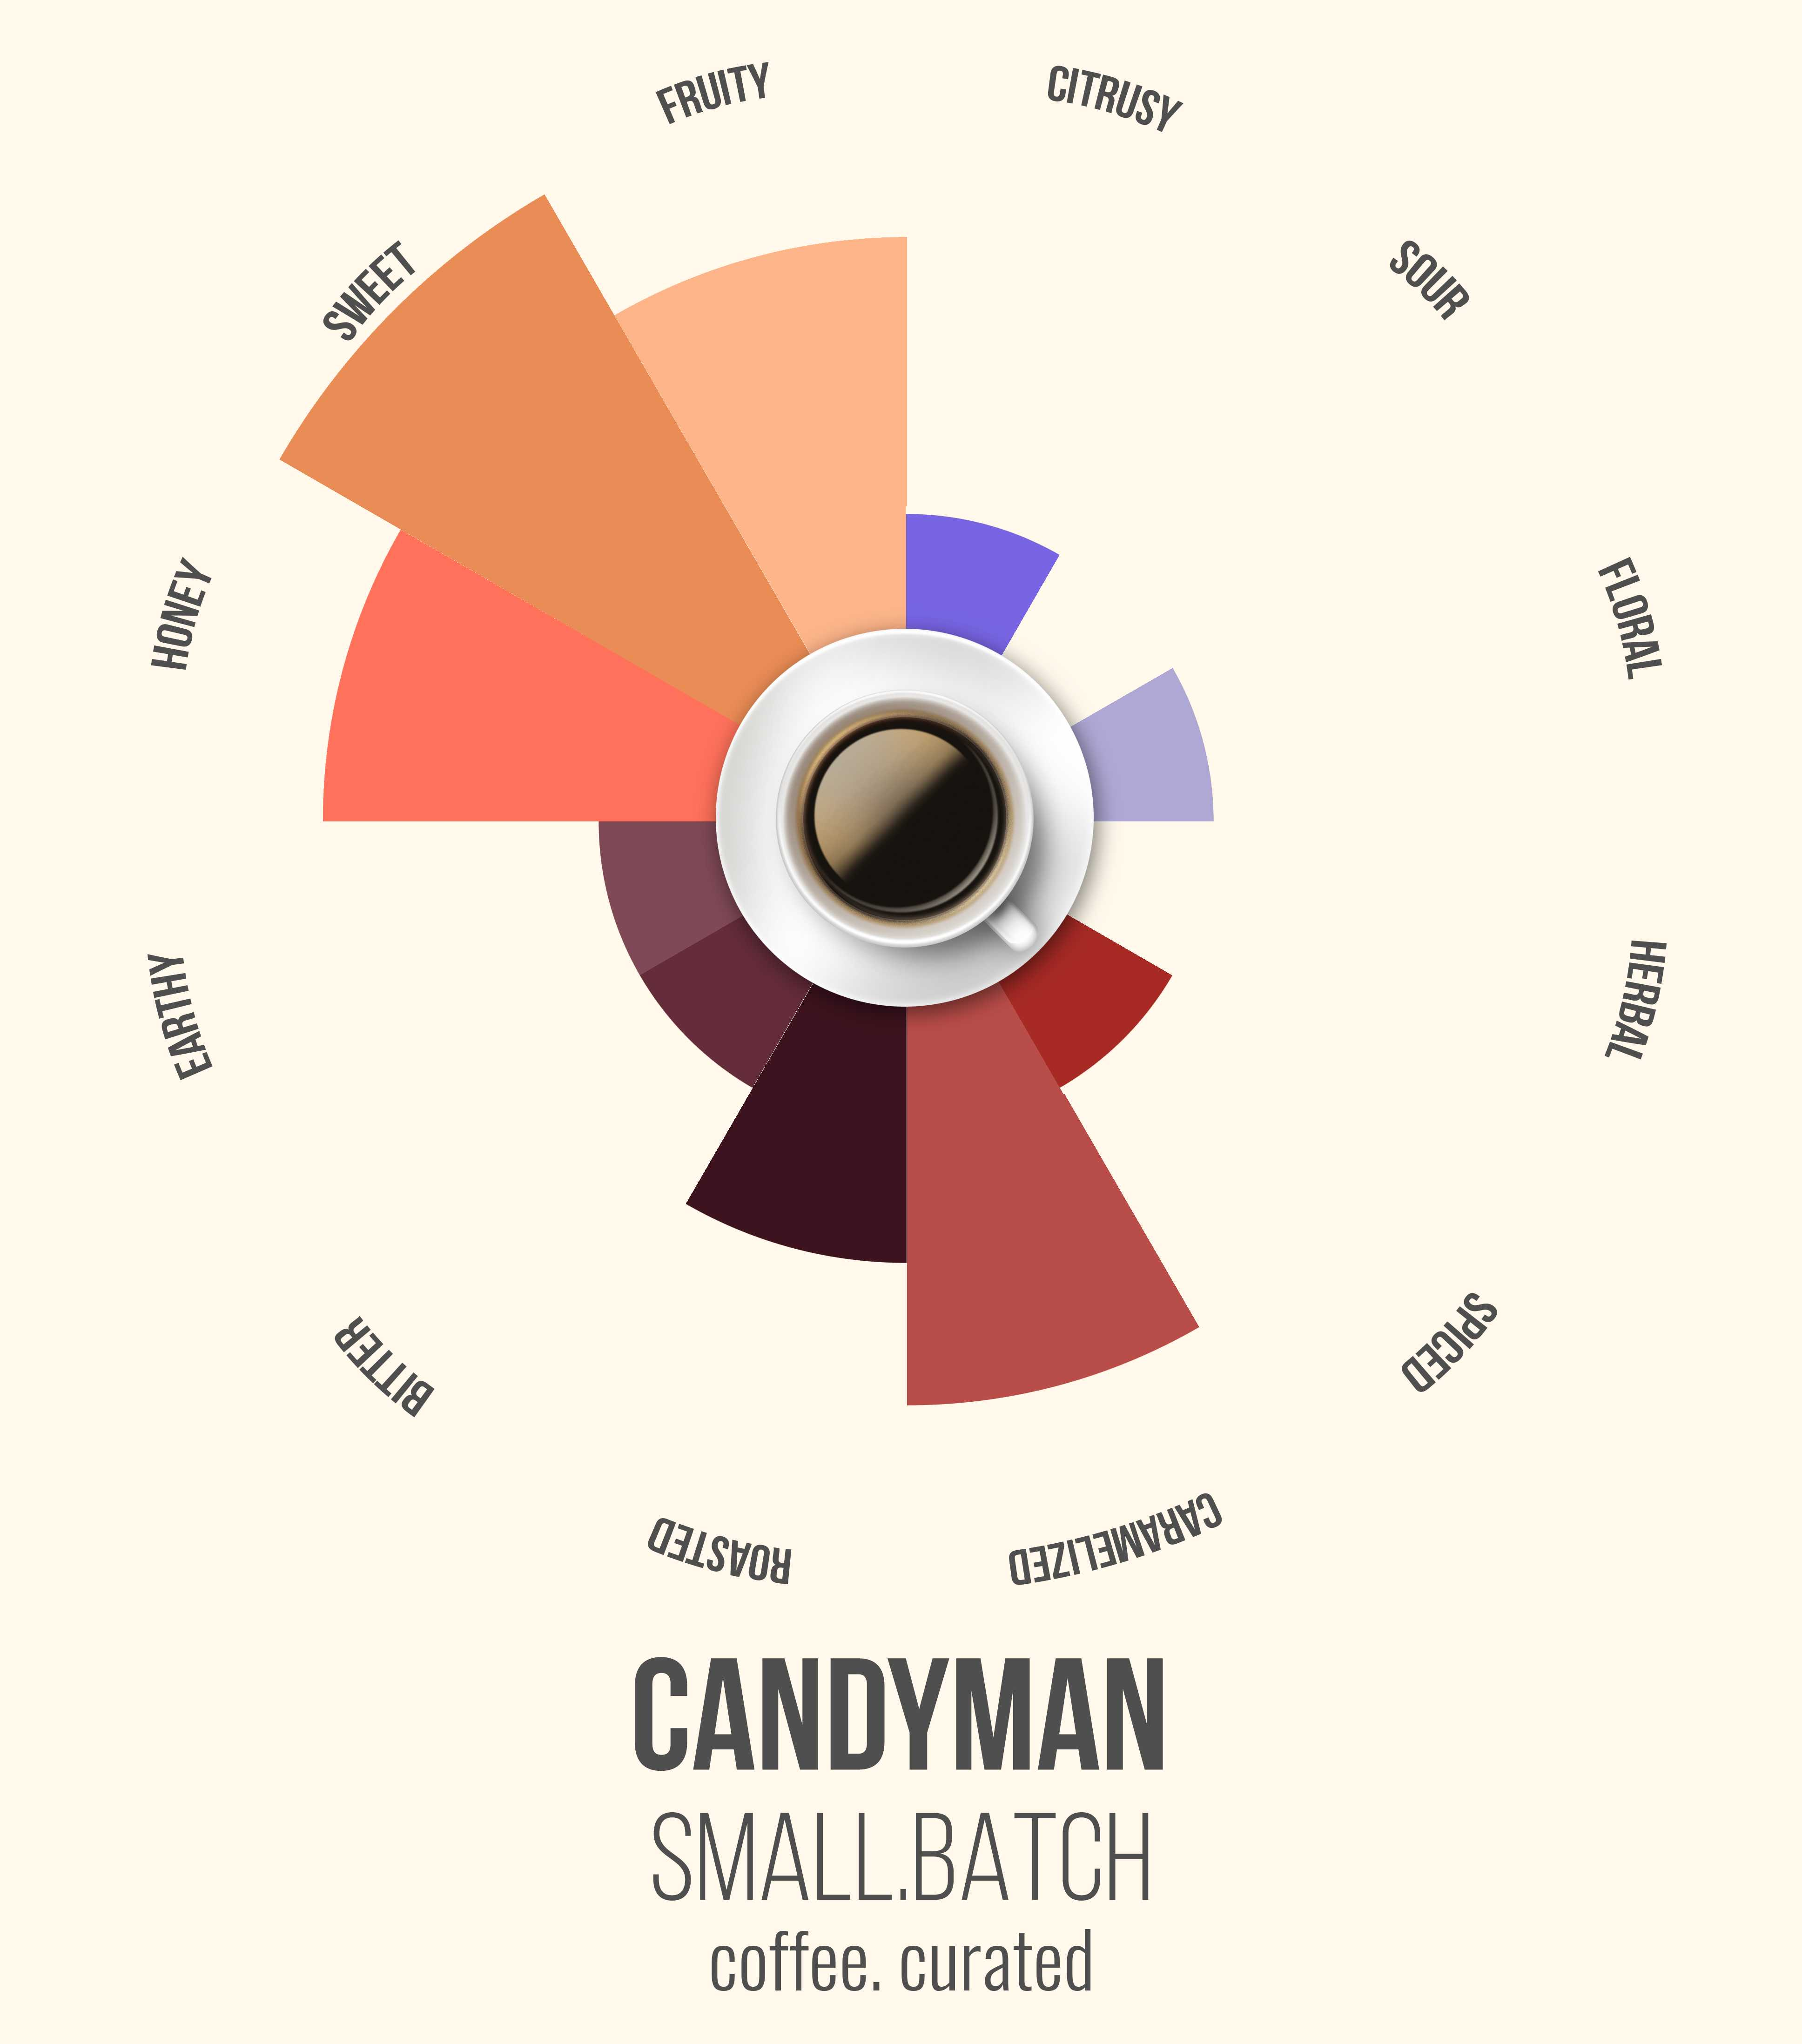 Small Batch CANDYMAN Espresso